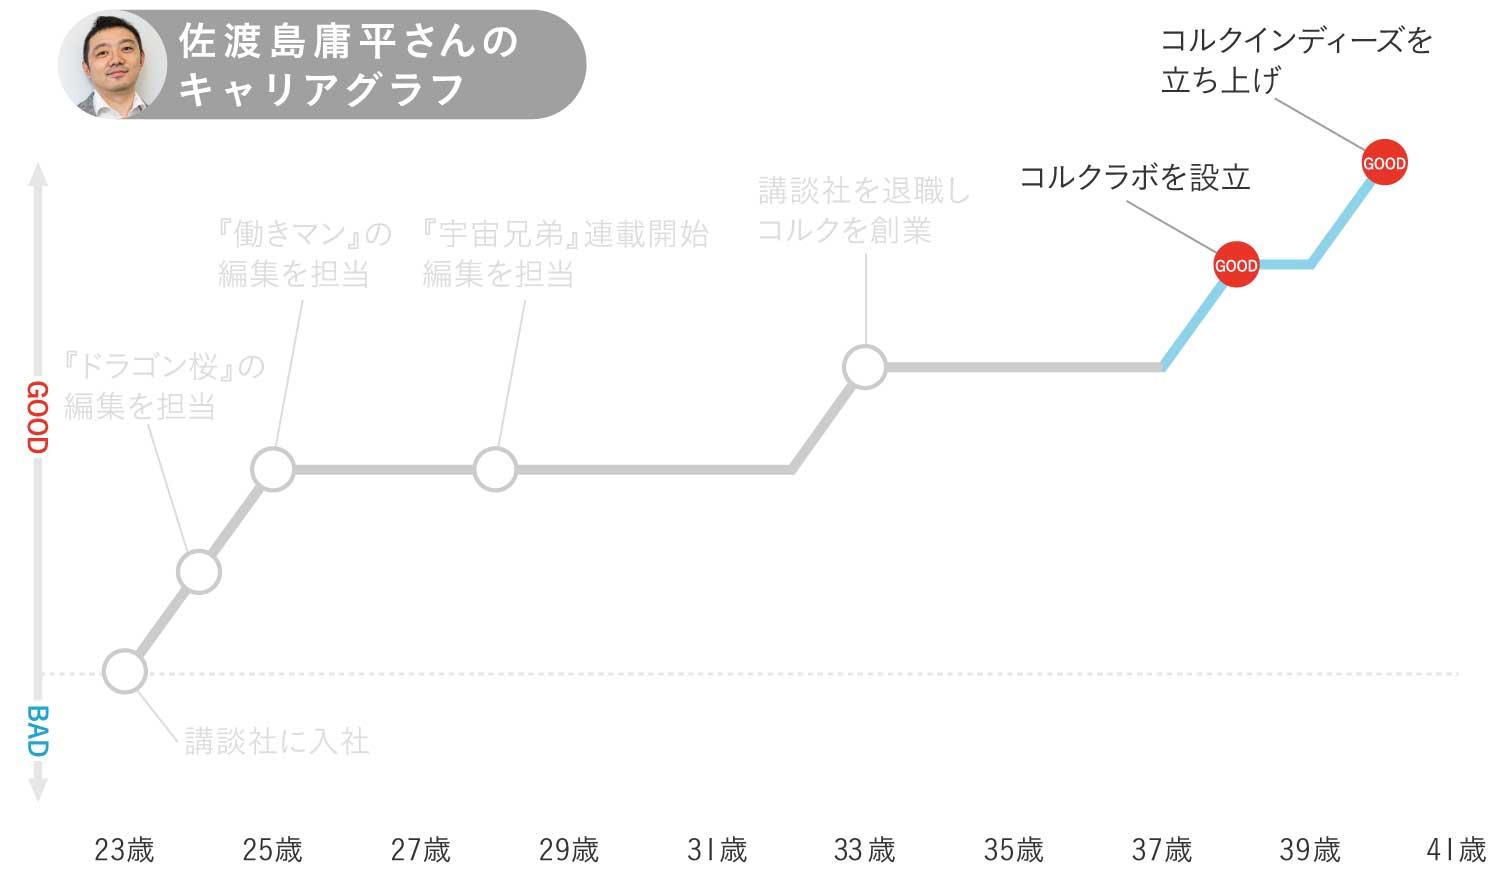 佐渡島庸平さんのキャリアグラフ4